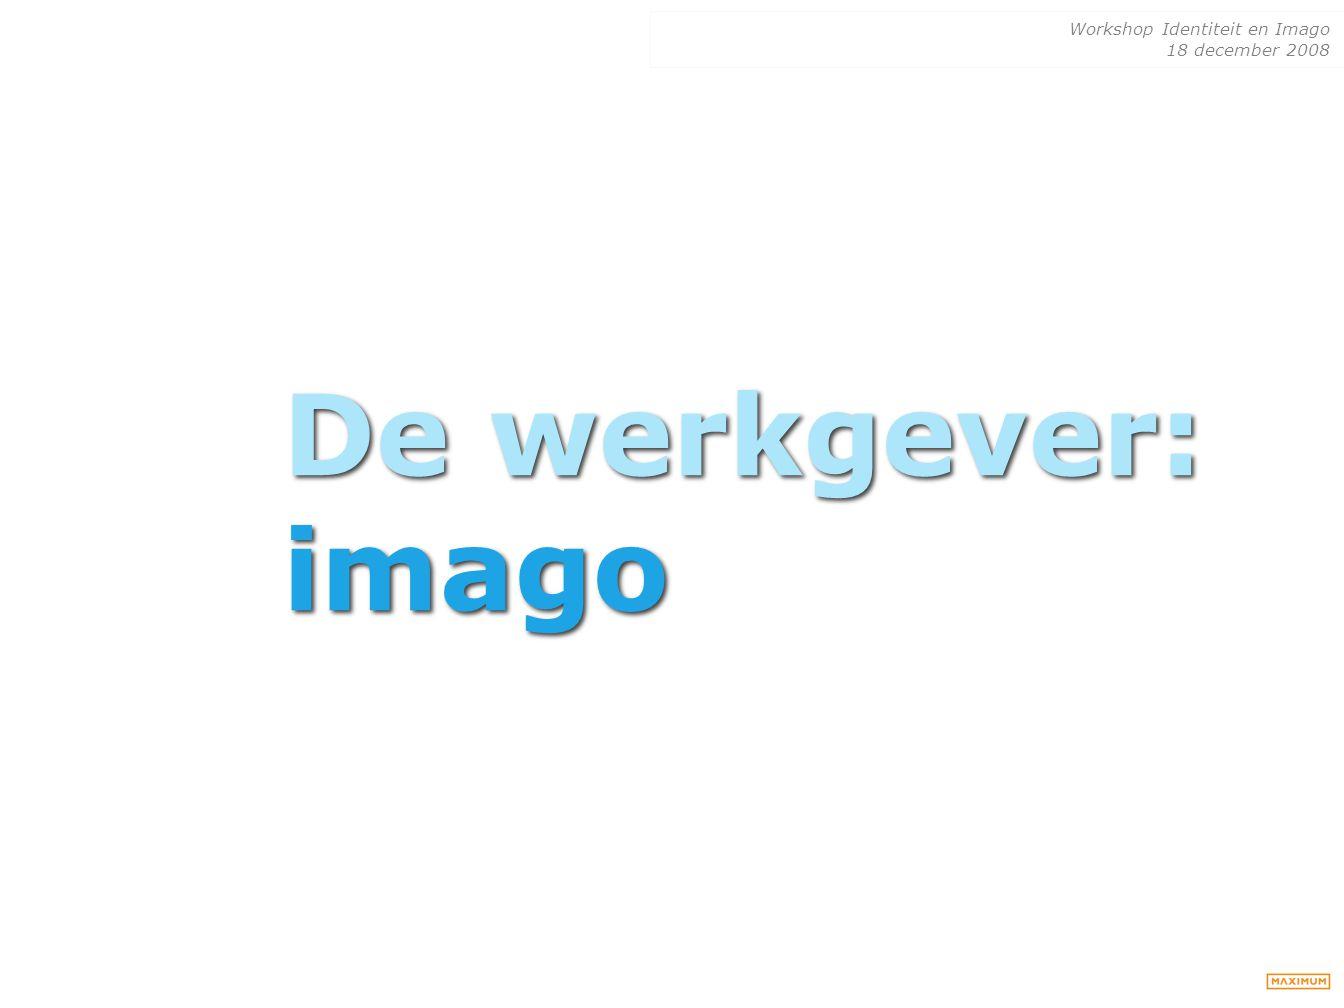 Workshop Identiteit en Imago 18 december 2008 De werkgever: imago